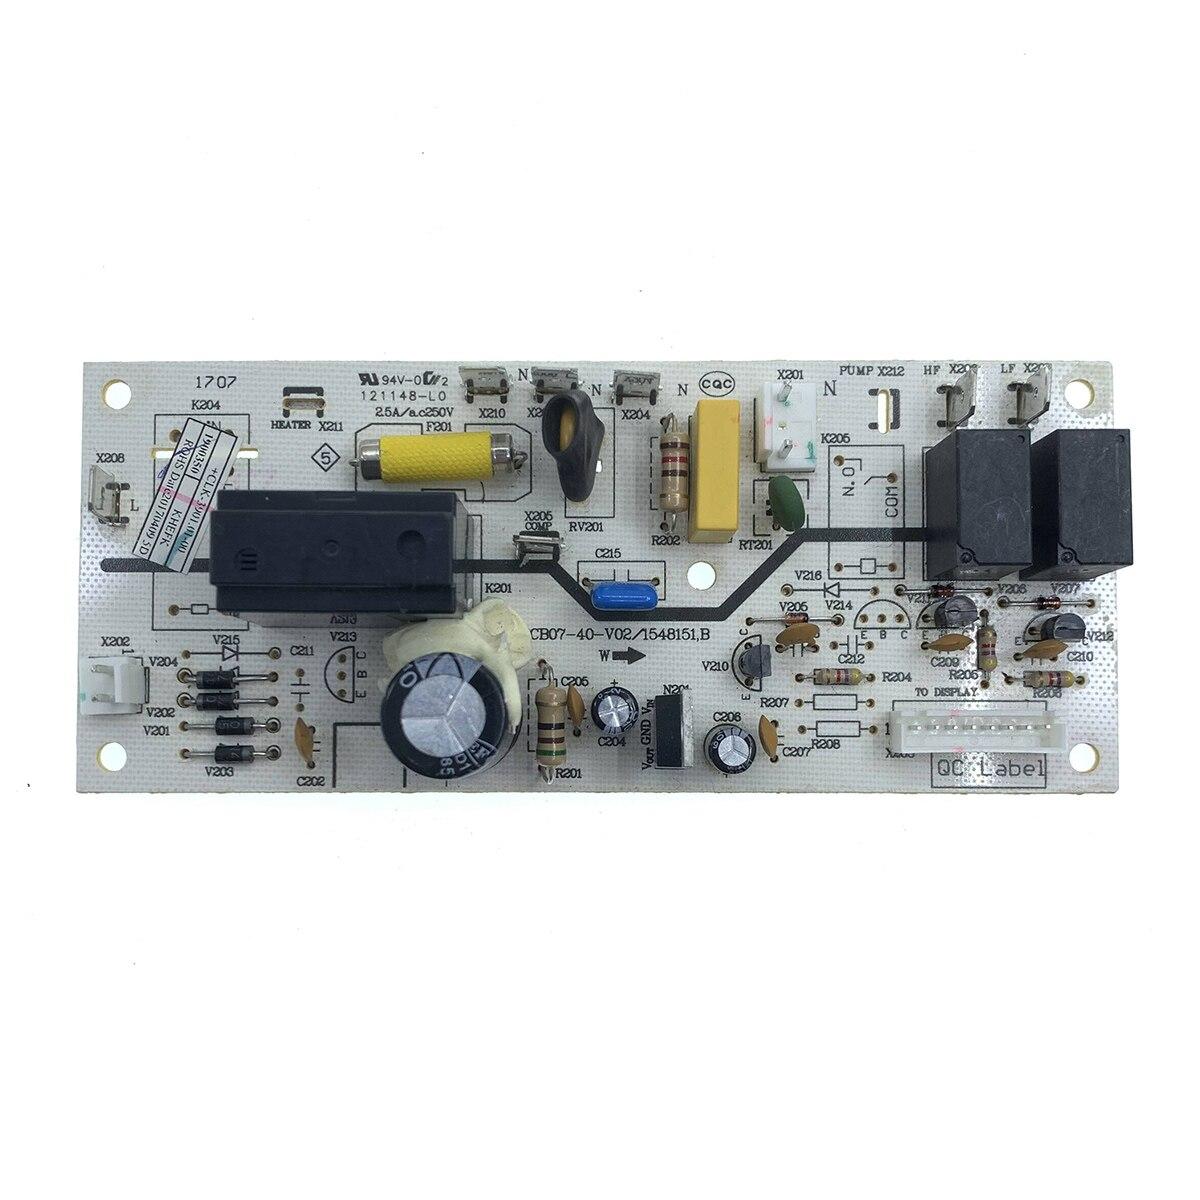 K1900350 PCB07-40-V02/1548151,B Hisense/Garrison осушитель питания основной платы для DH50K1W DH70K1G